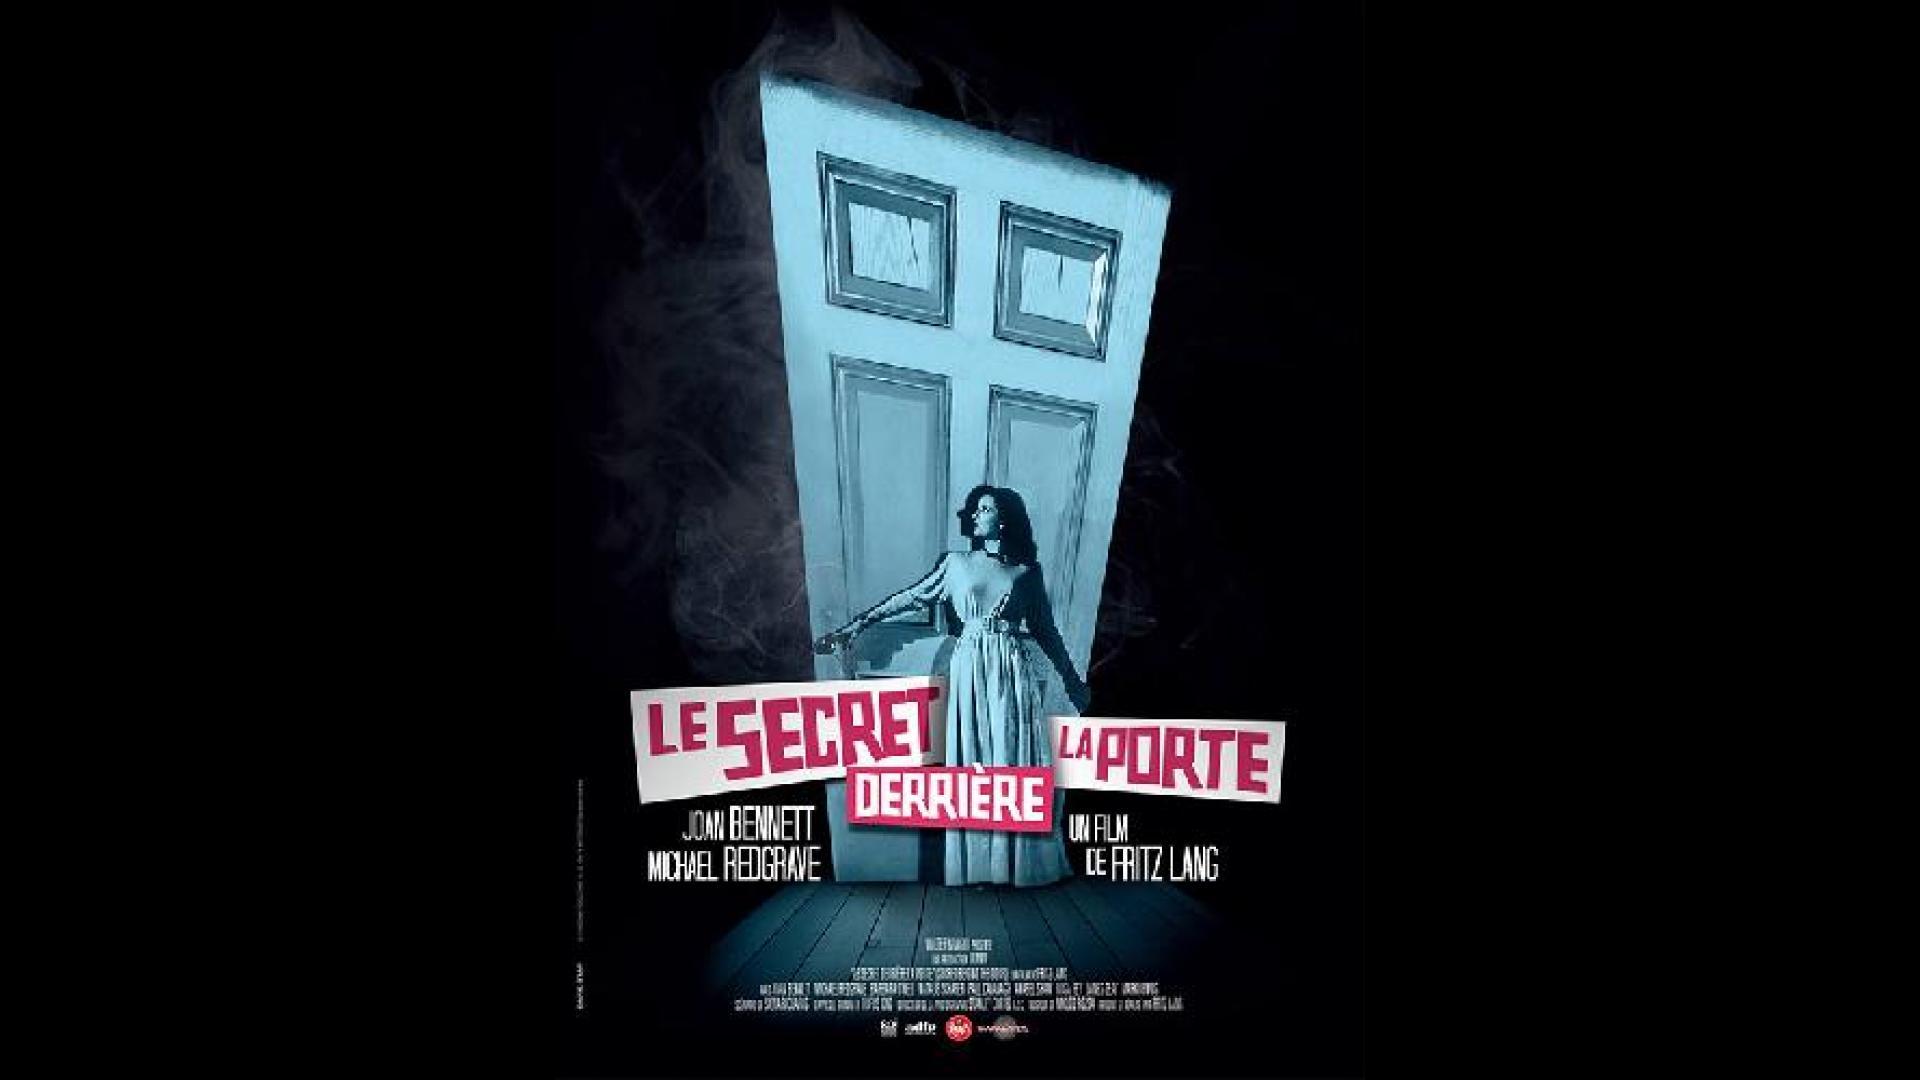 Le secret derrière la porte. »